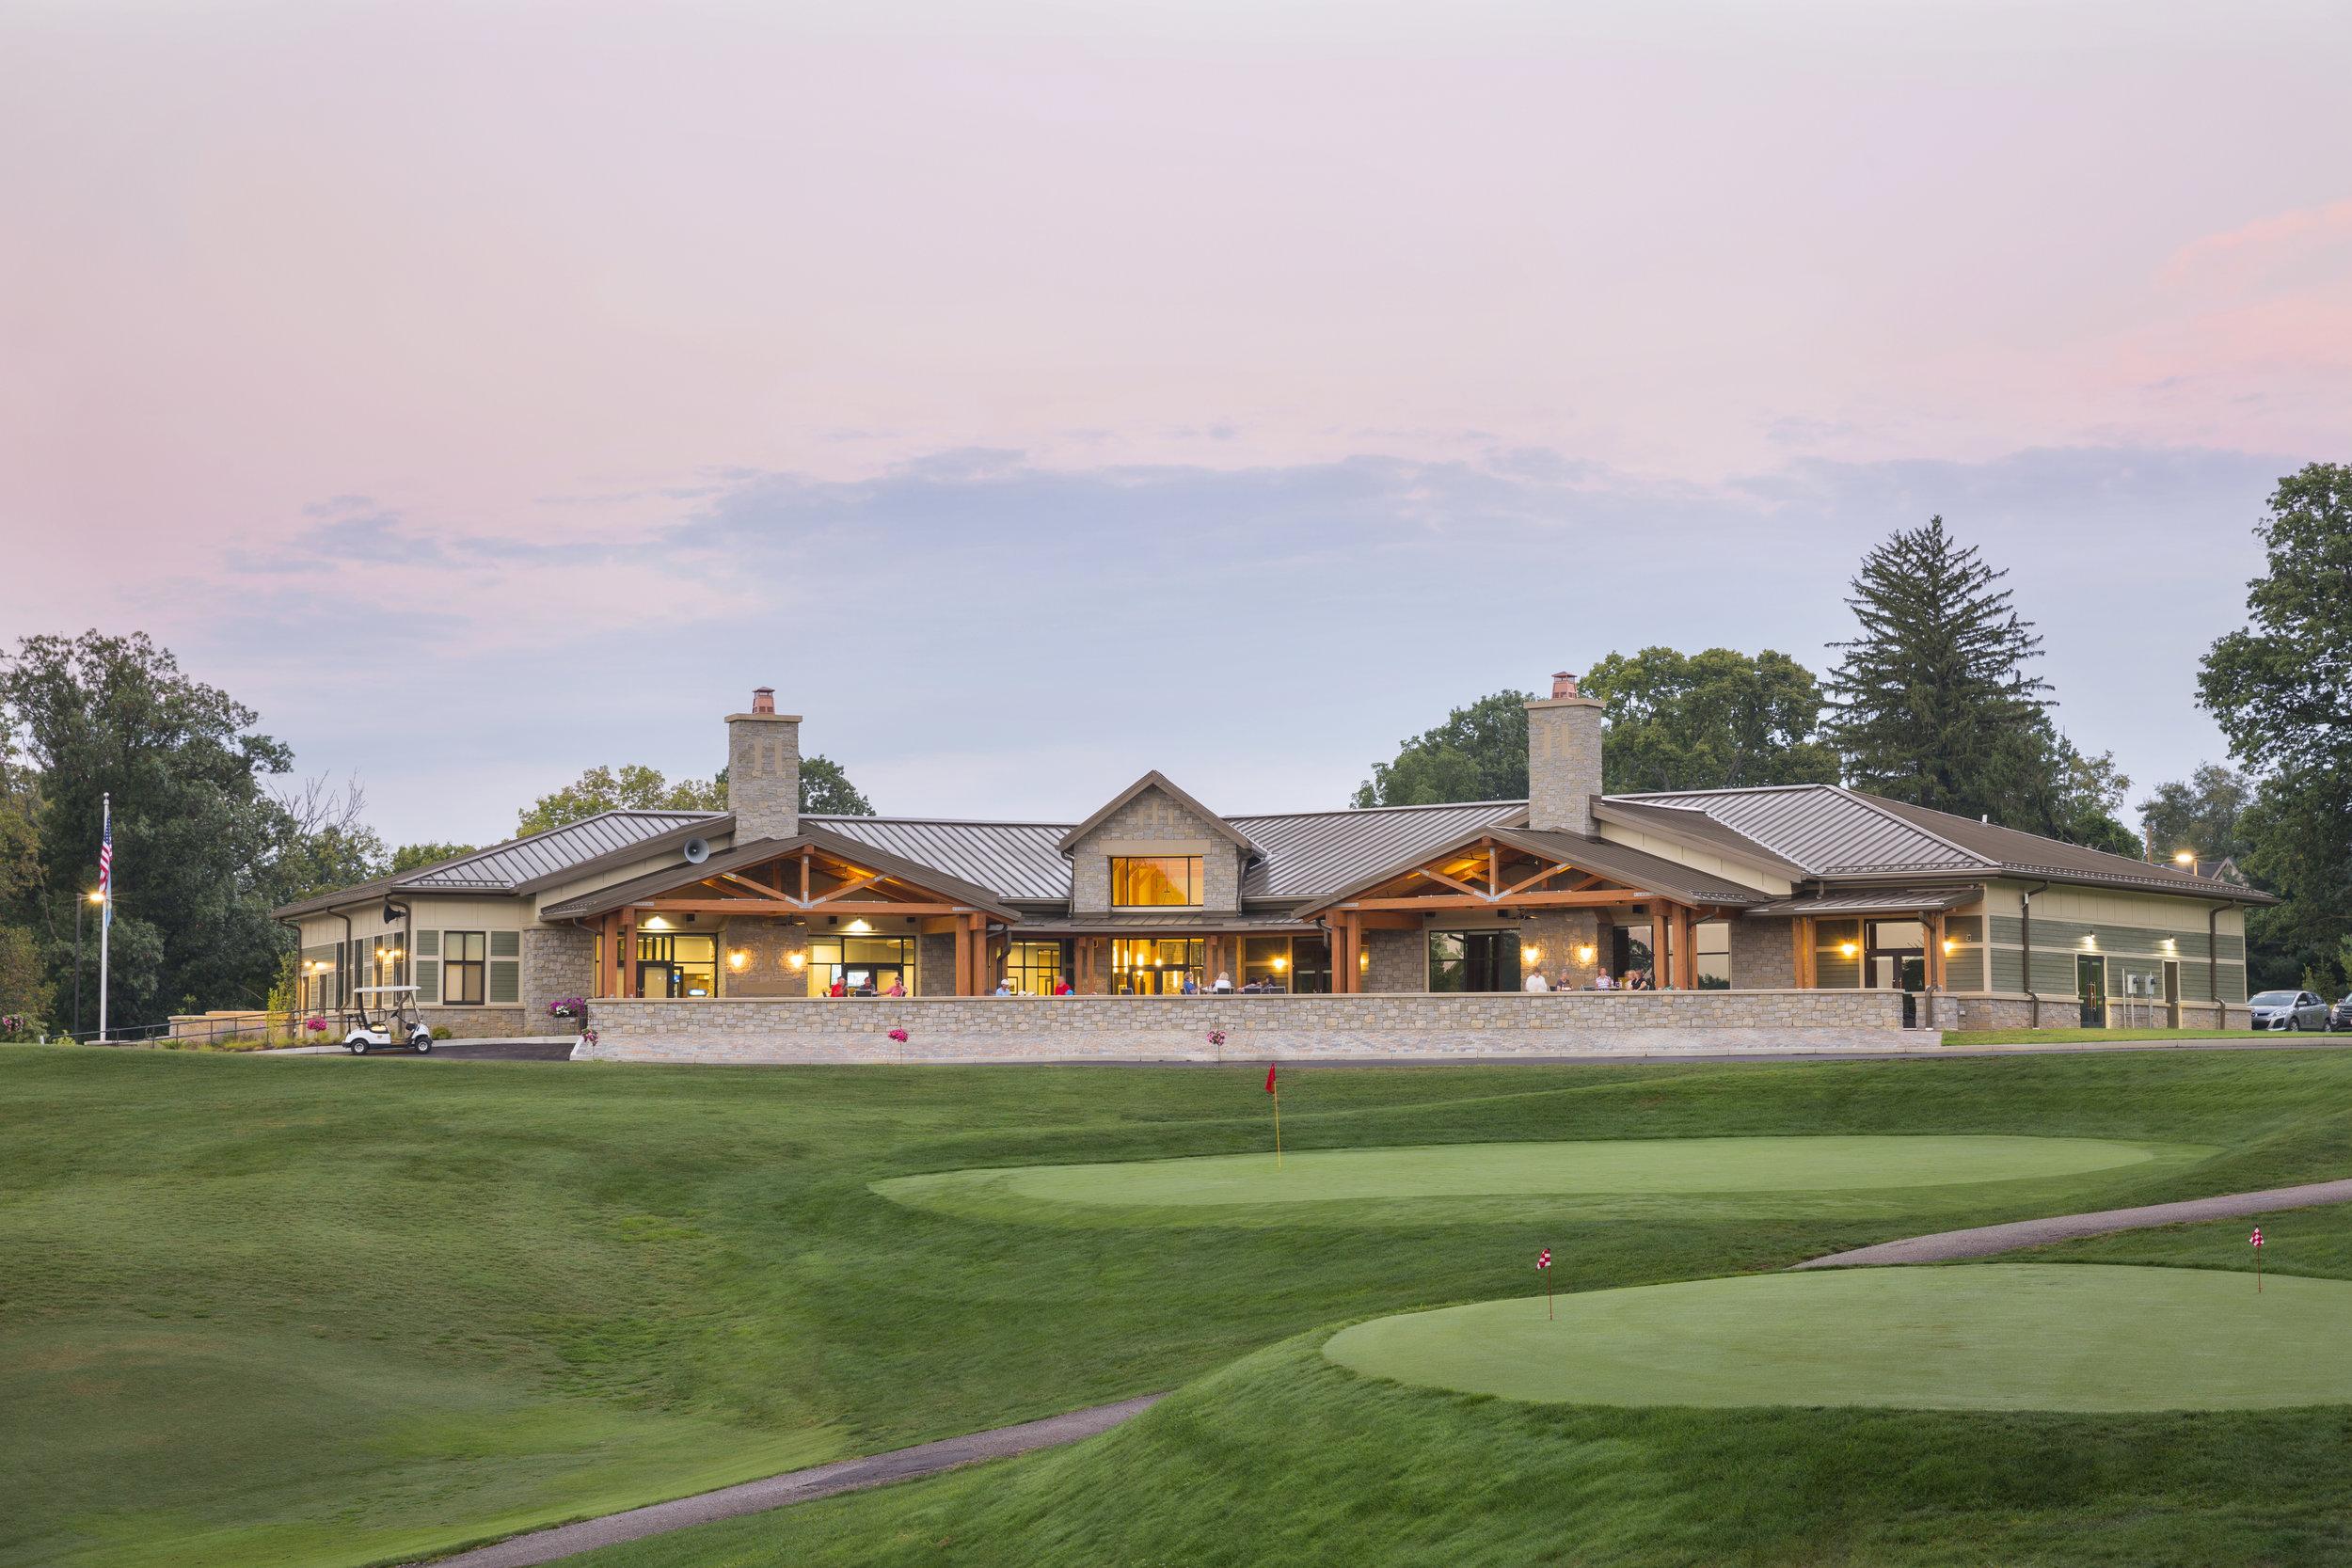 The Devou Room at The Devou Park Golf and Event Center